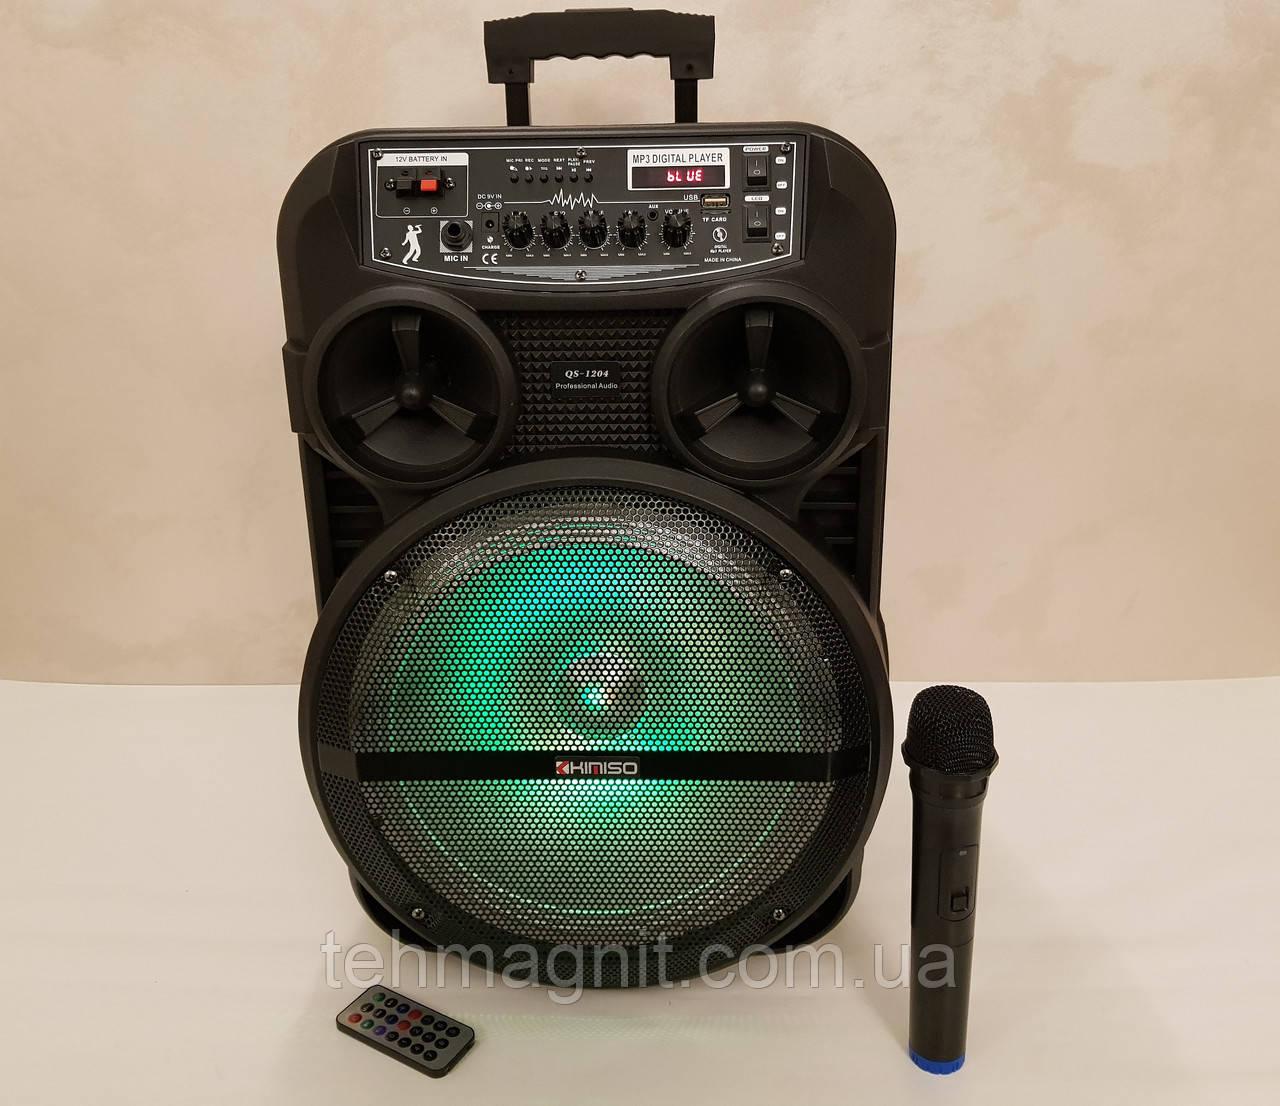 Колонка аккумуляторная с микрофоном  Kimiso QS-1204